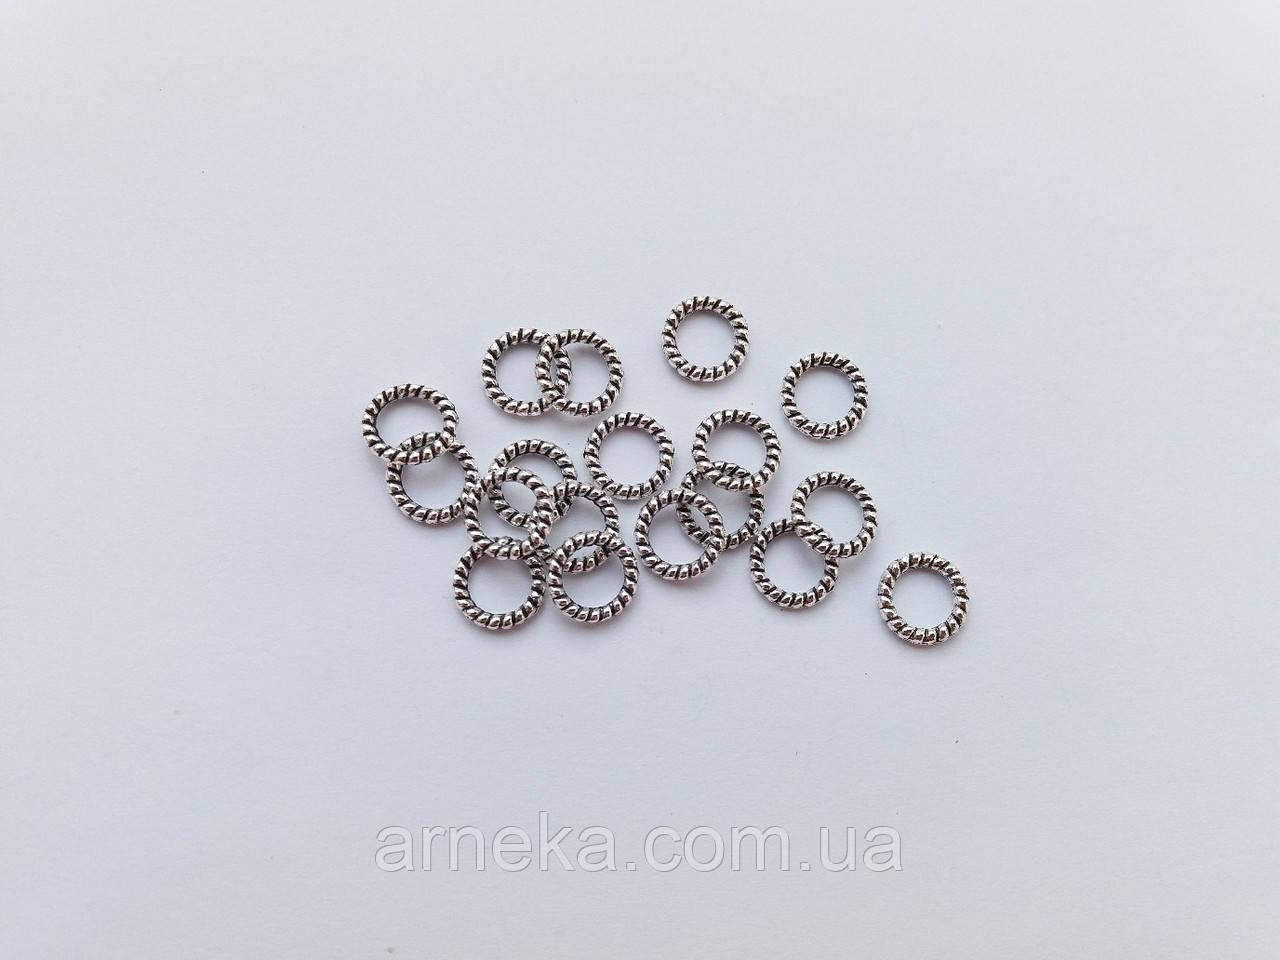 Декоративное колечко крученое 0,9 см метал